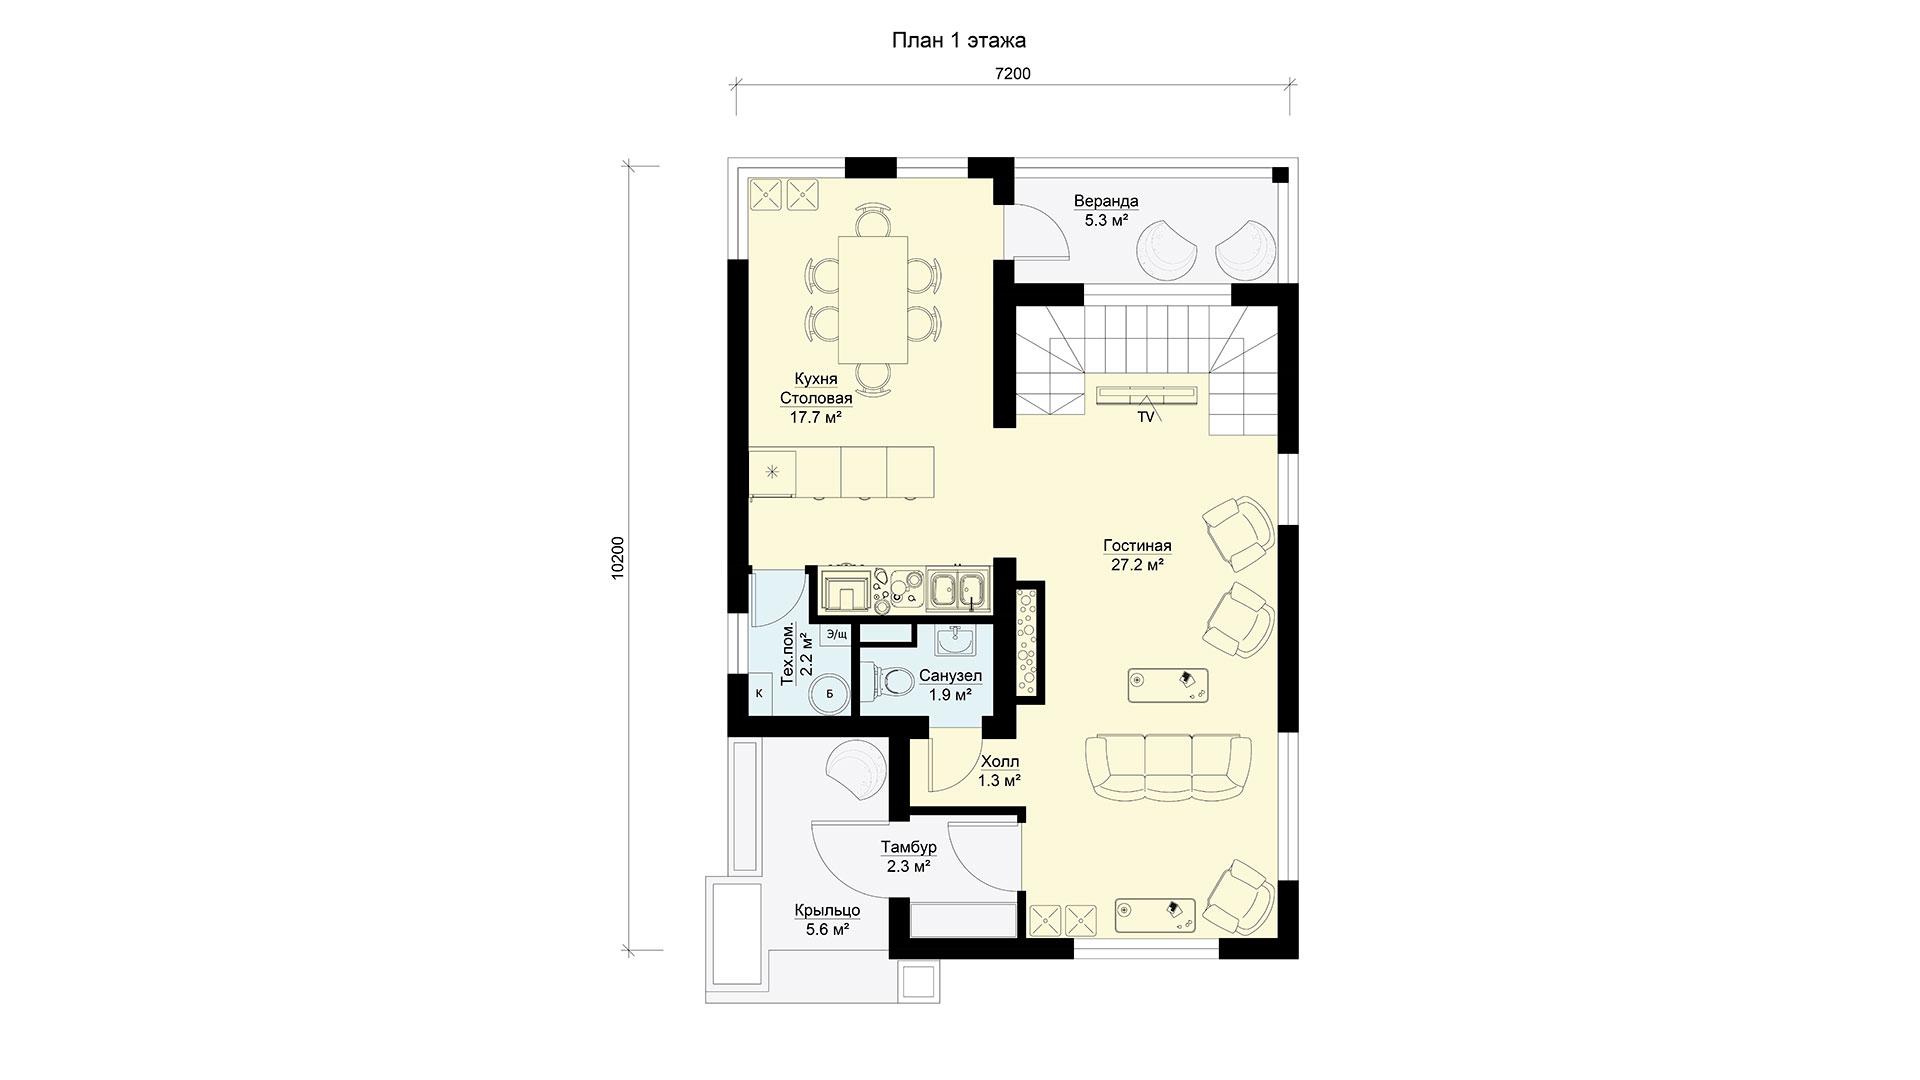 План первого этажа двухэтажного дома БЭНПАН, проект МС-112/1.